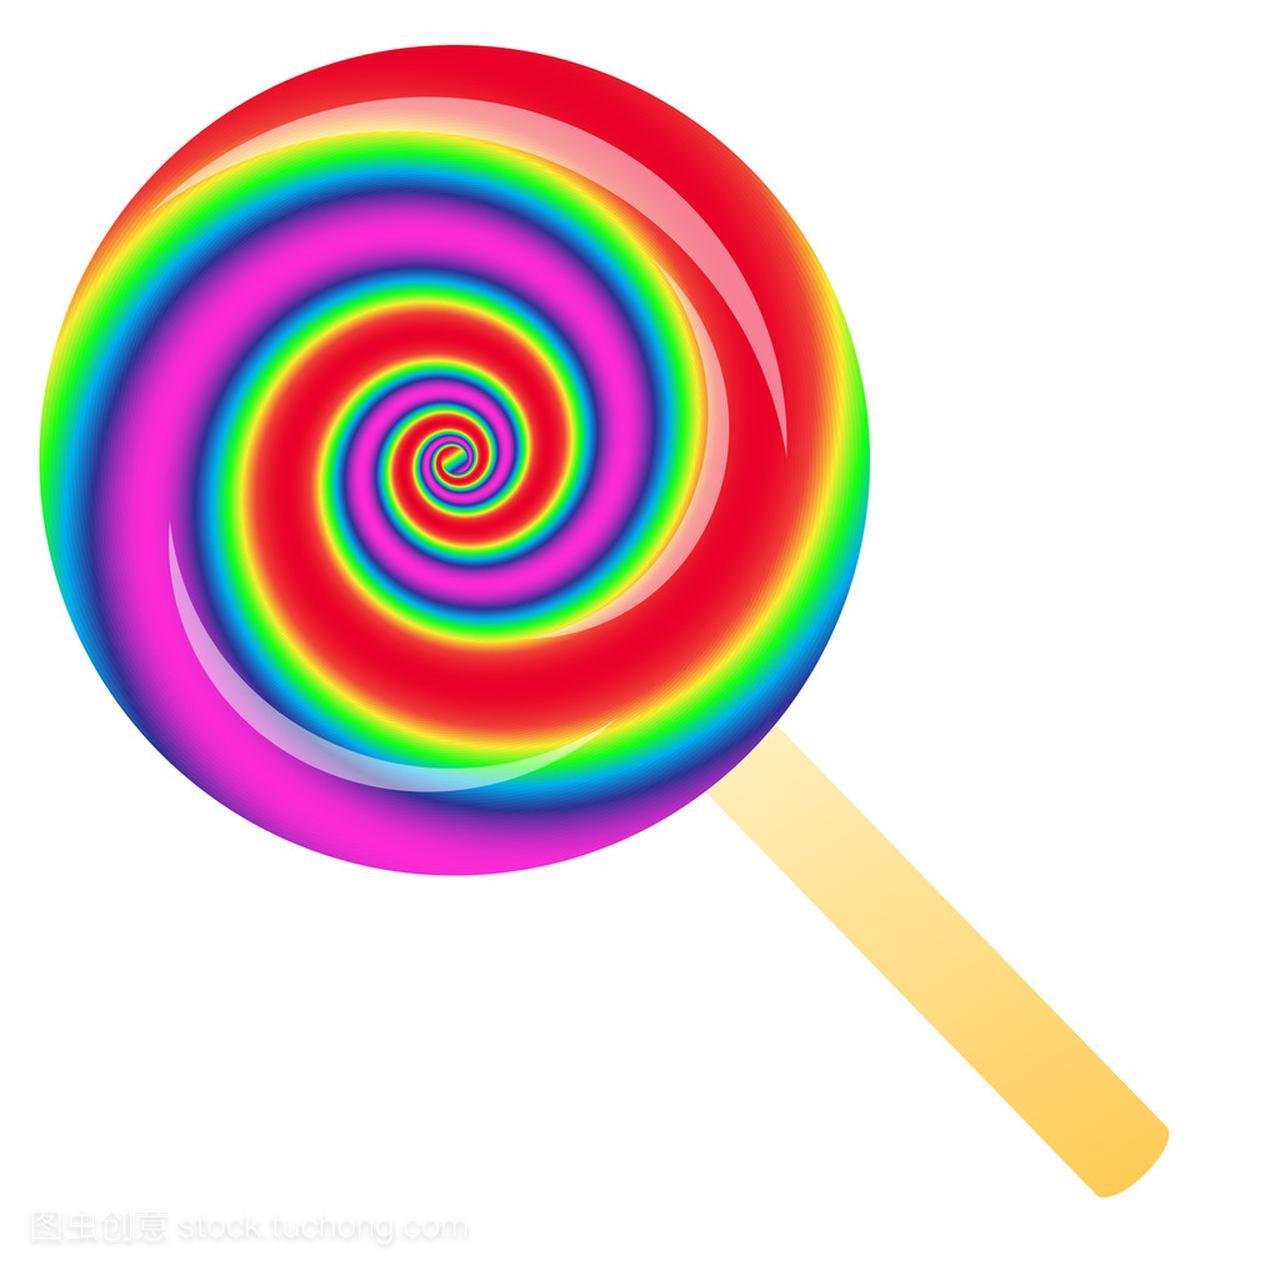 彩虹棒棒糖tnt表情图图片